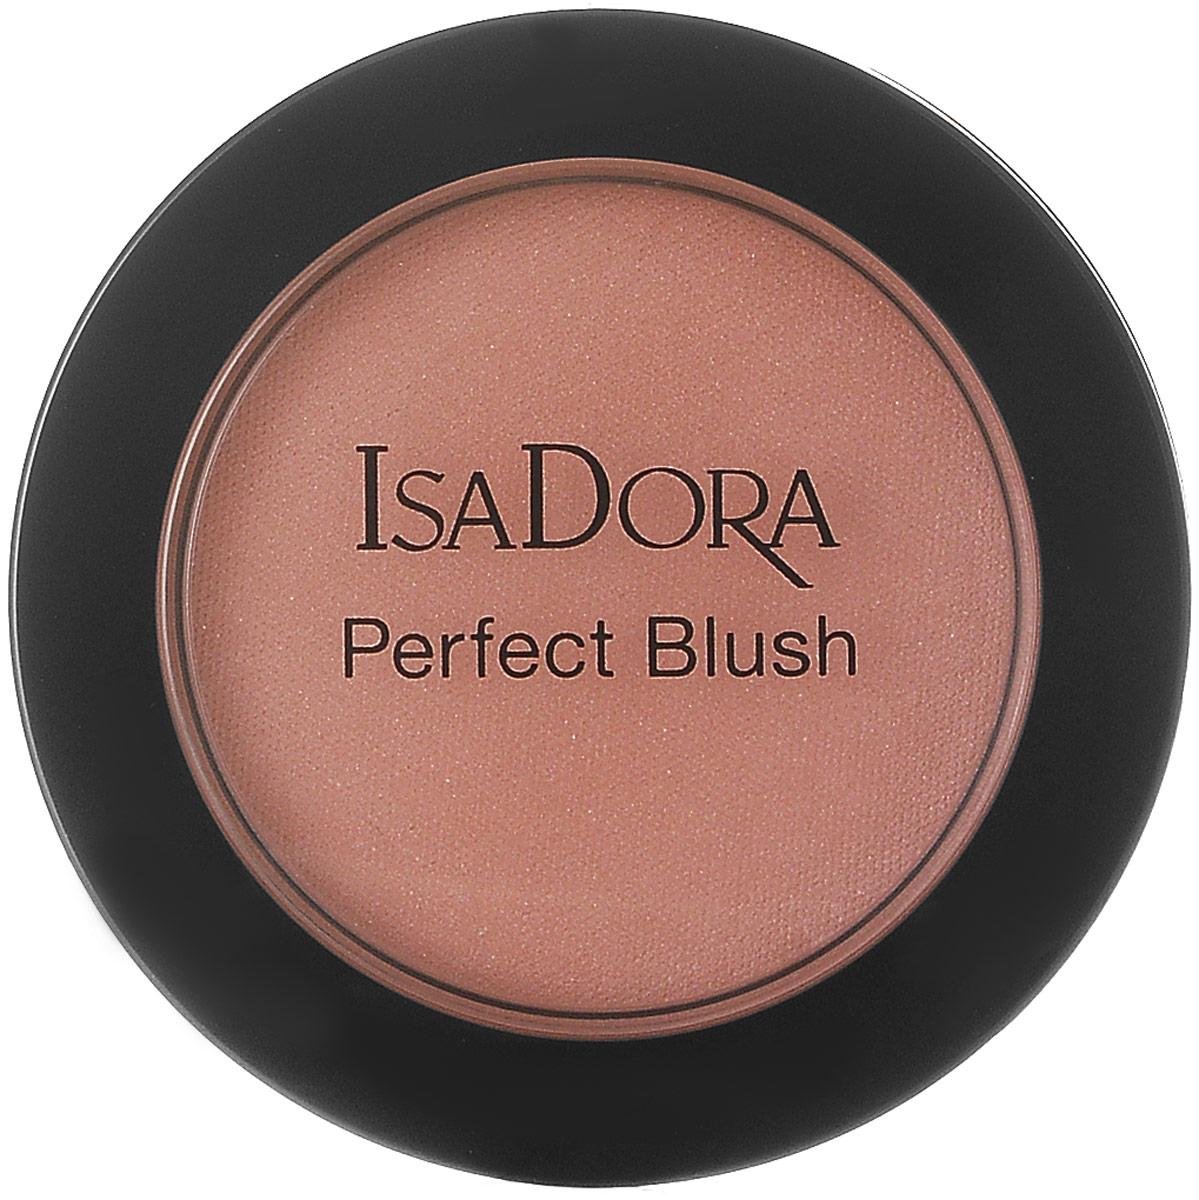 Isadora румяна Perfect blush 66 4,5гр5010777139655Нежные бархатистые румяна, устойчивые, насыщенная пигментами текстура, матовые и сияющие оттенки. Без отдушек. Клинически тестировано.